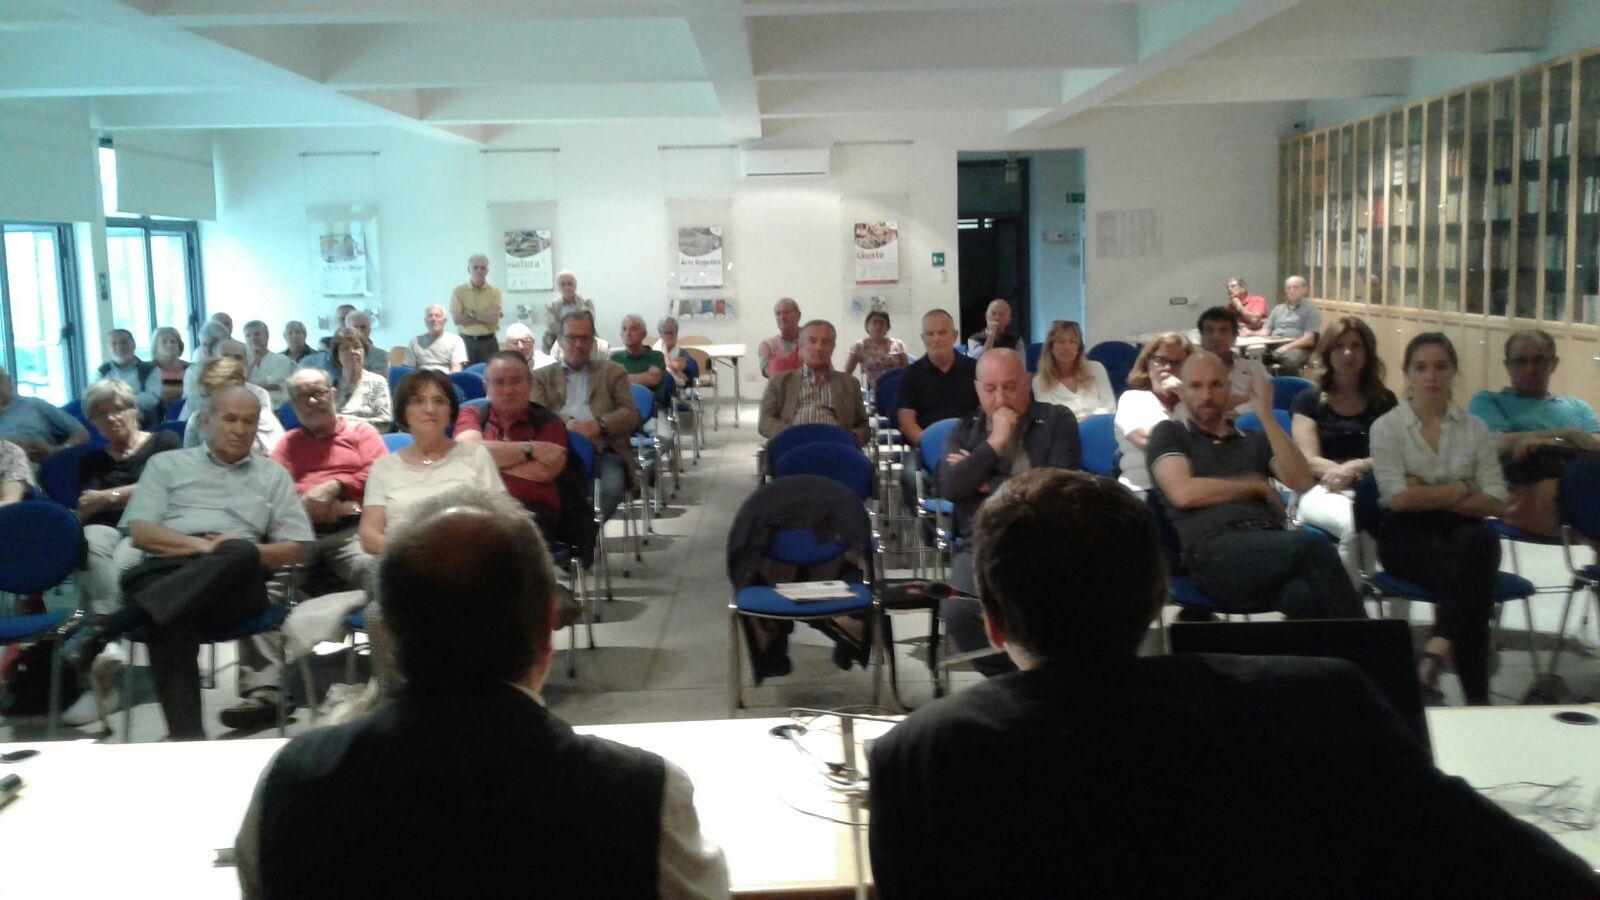 Cerqui convegno 6 luglio 2018 due (2)